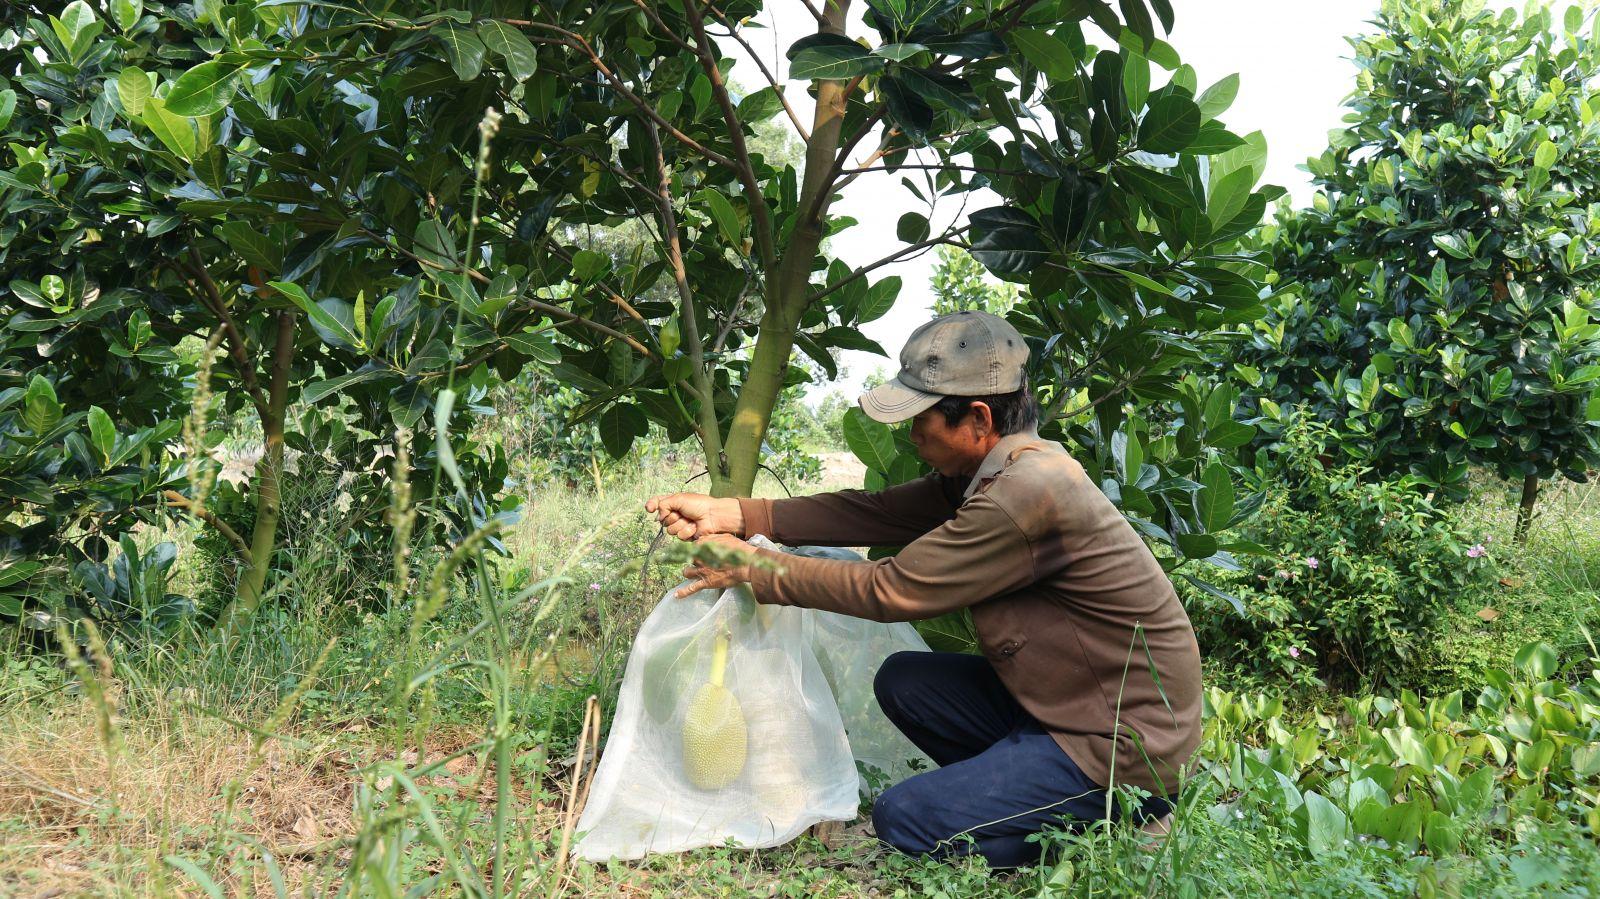 Nông dân chuyển đổi cây trồng, bước đầu mang lại hiệu quả kinh tế cao